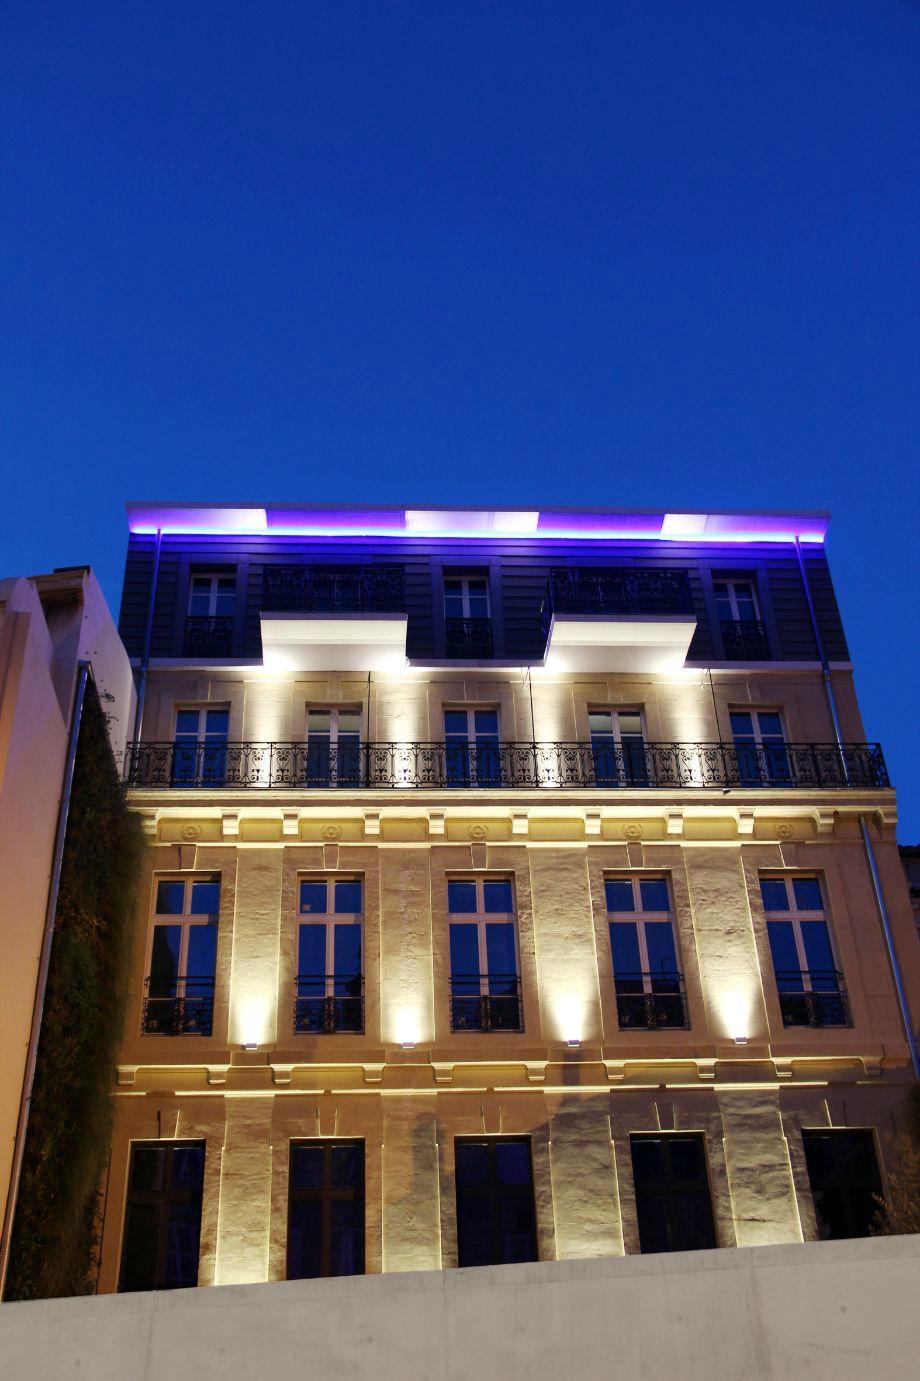 Le c2 ouvre ses portes marseille h tel de luxe spa bar lounge et - Hotel de luxe marseille ...